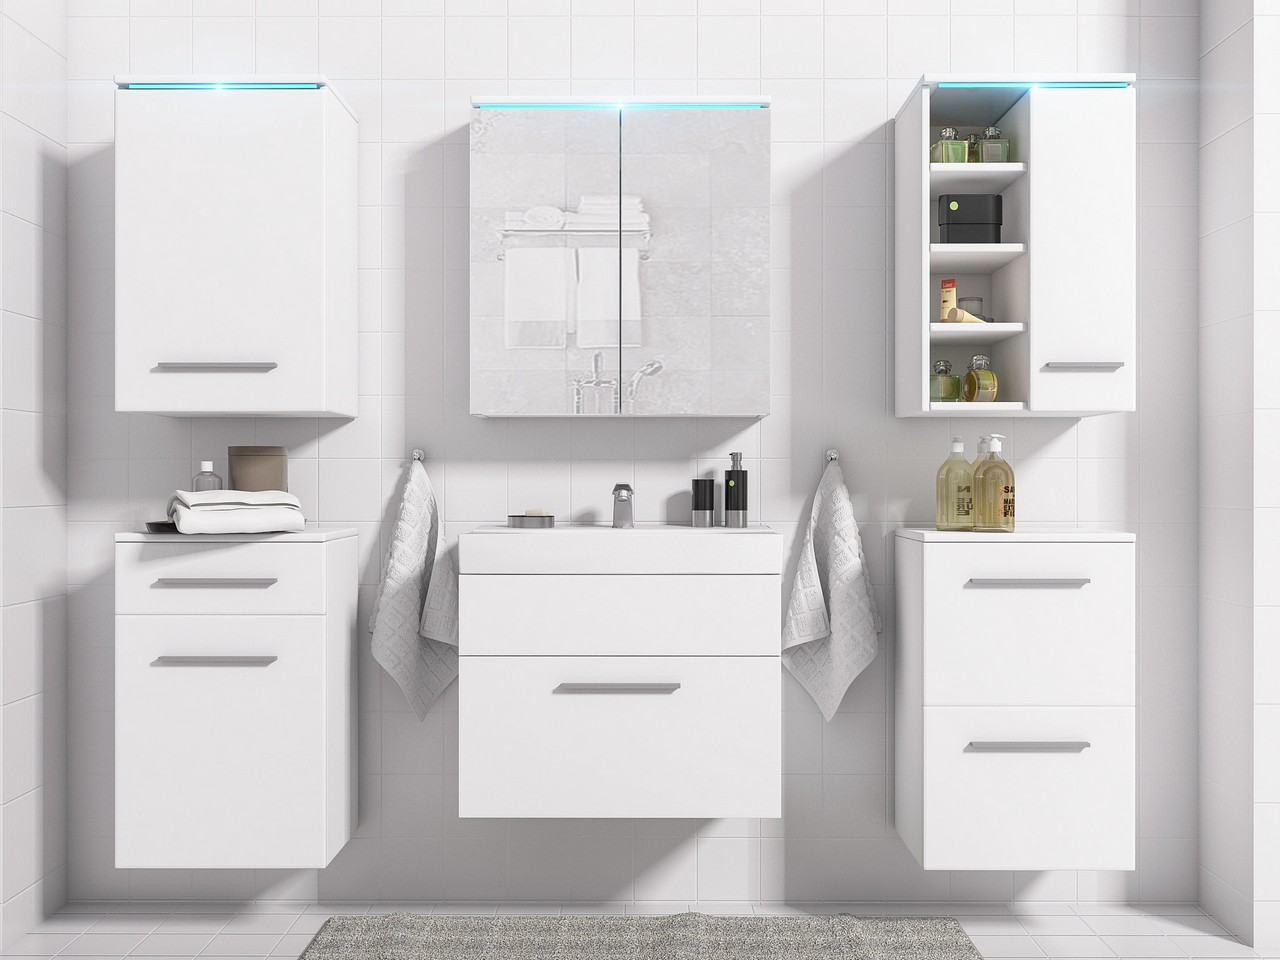 Kúpeľňa MEGI zostava 2 Bely mat